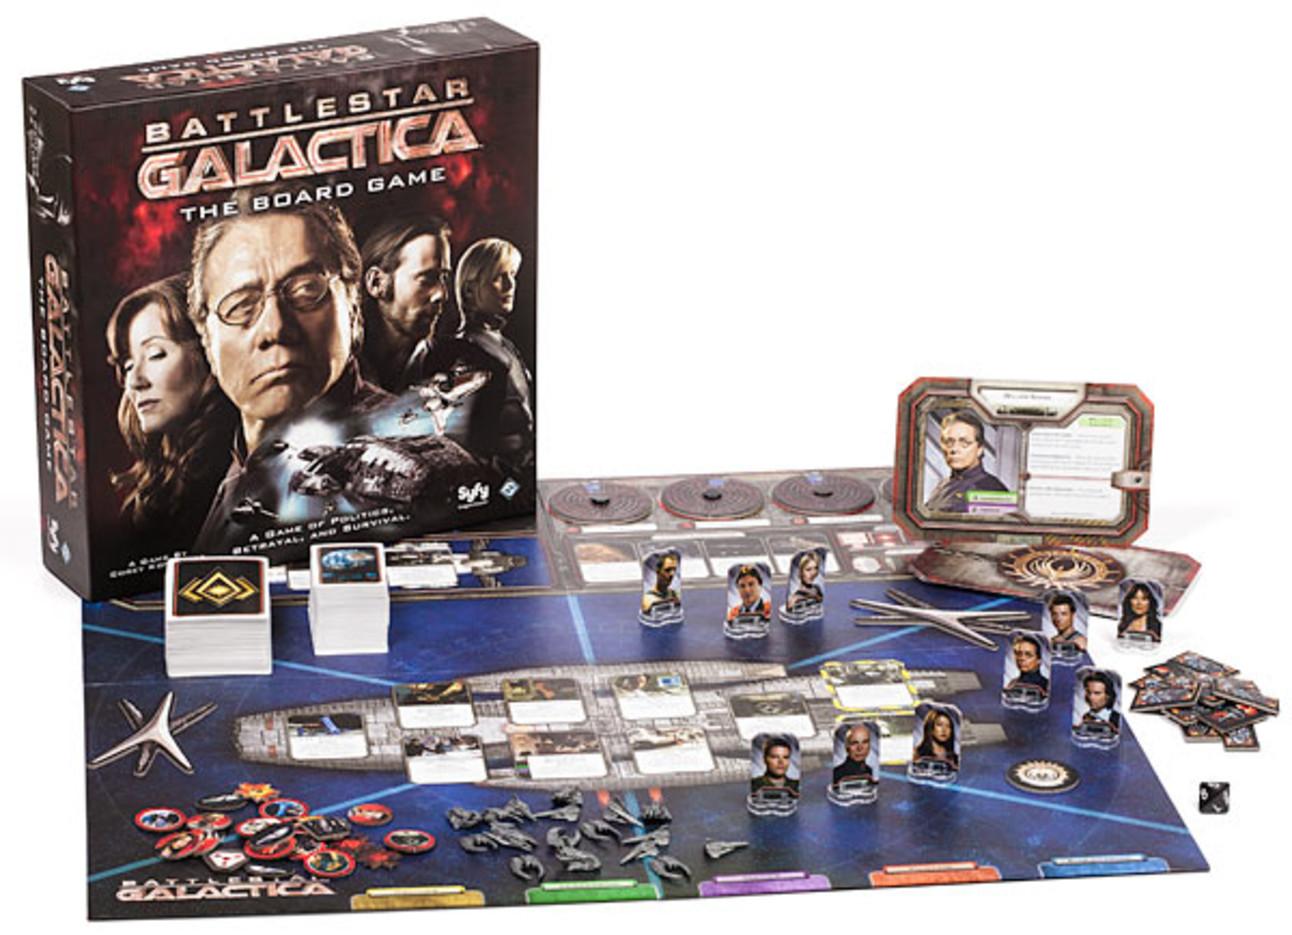 Battlestar-Galactica-Board-Game.jpg